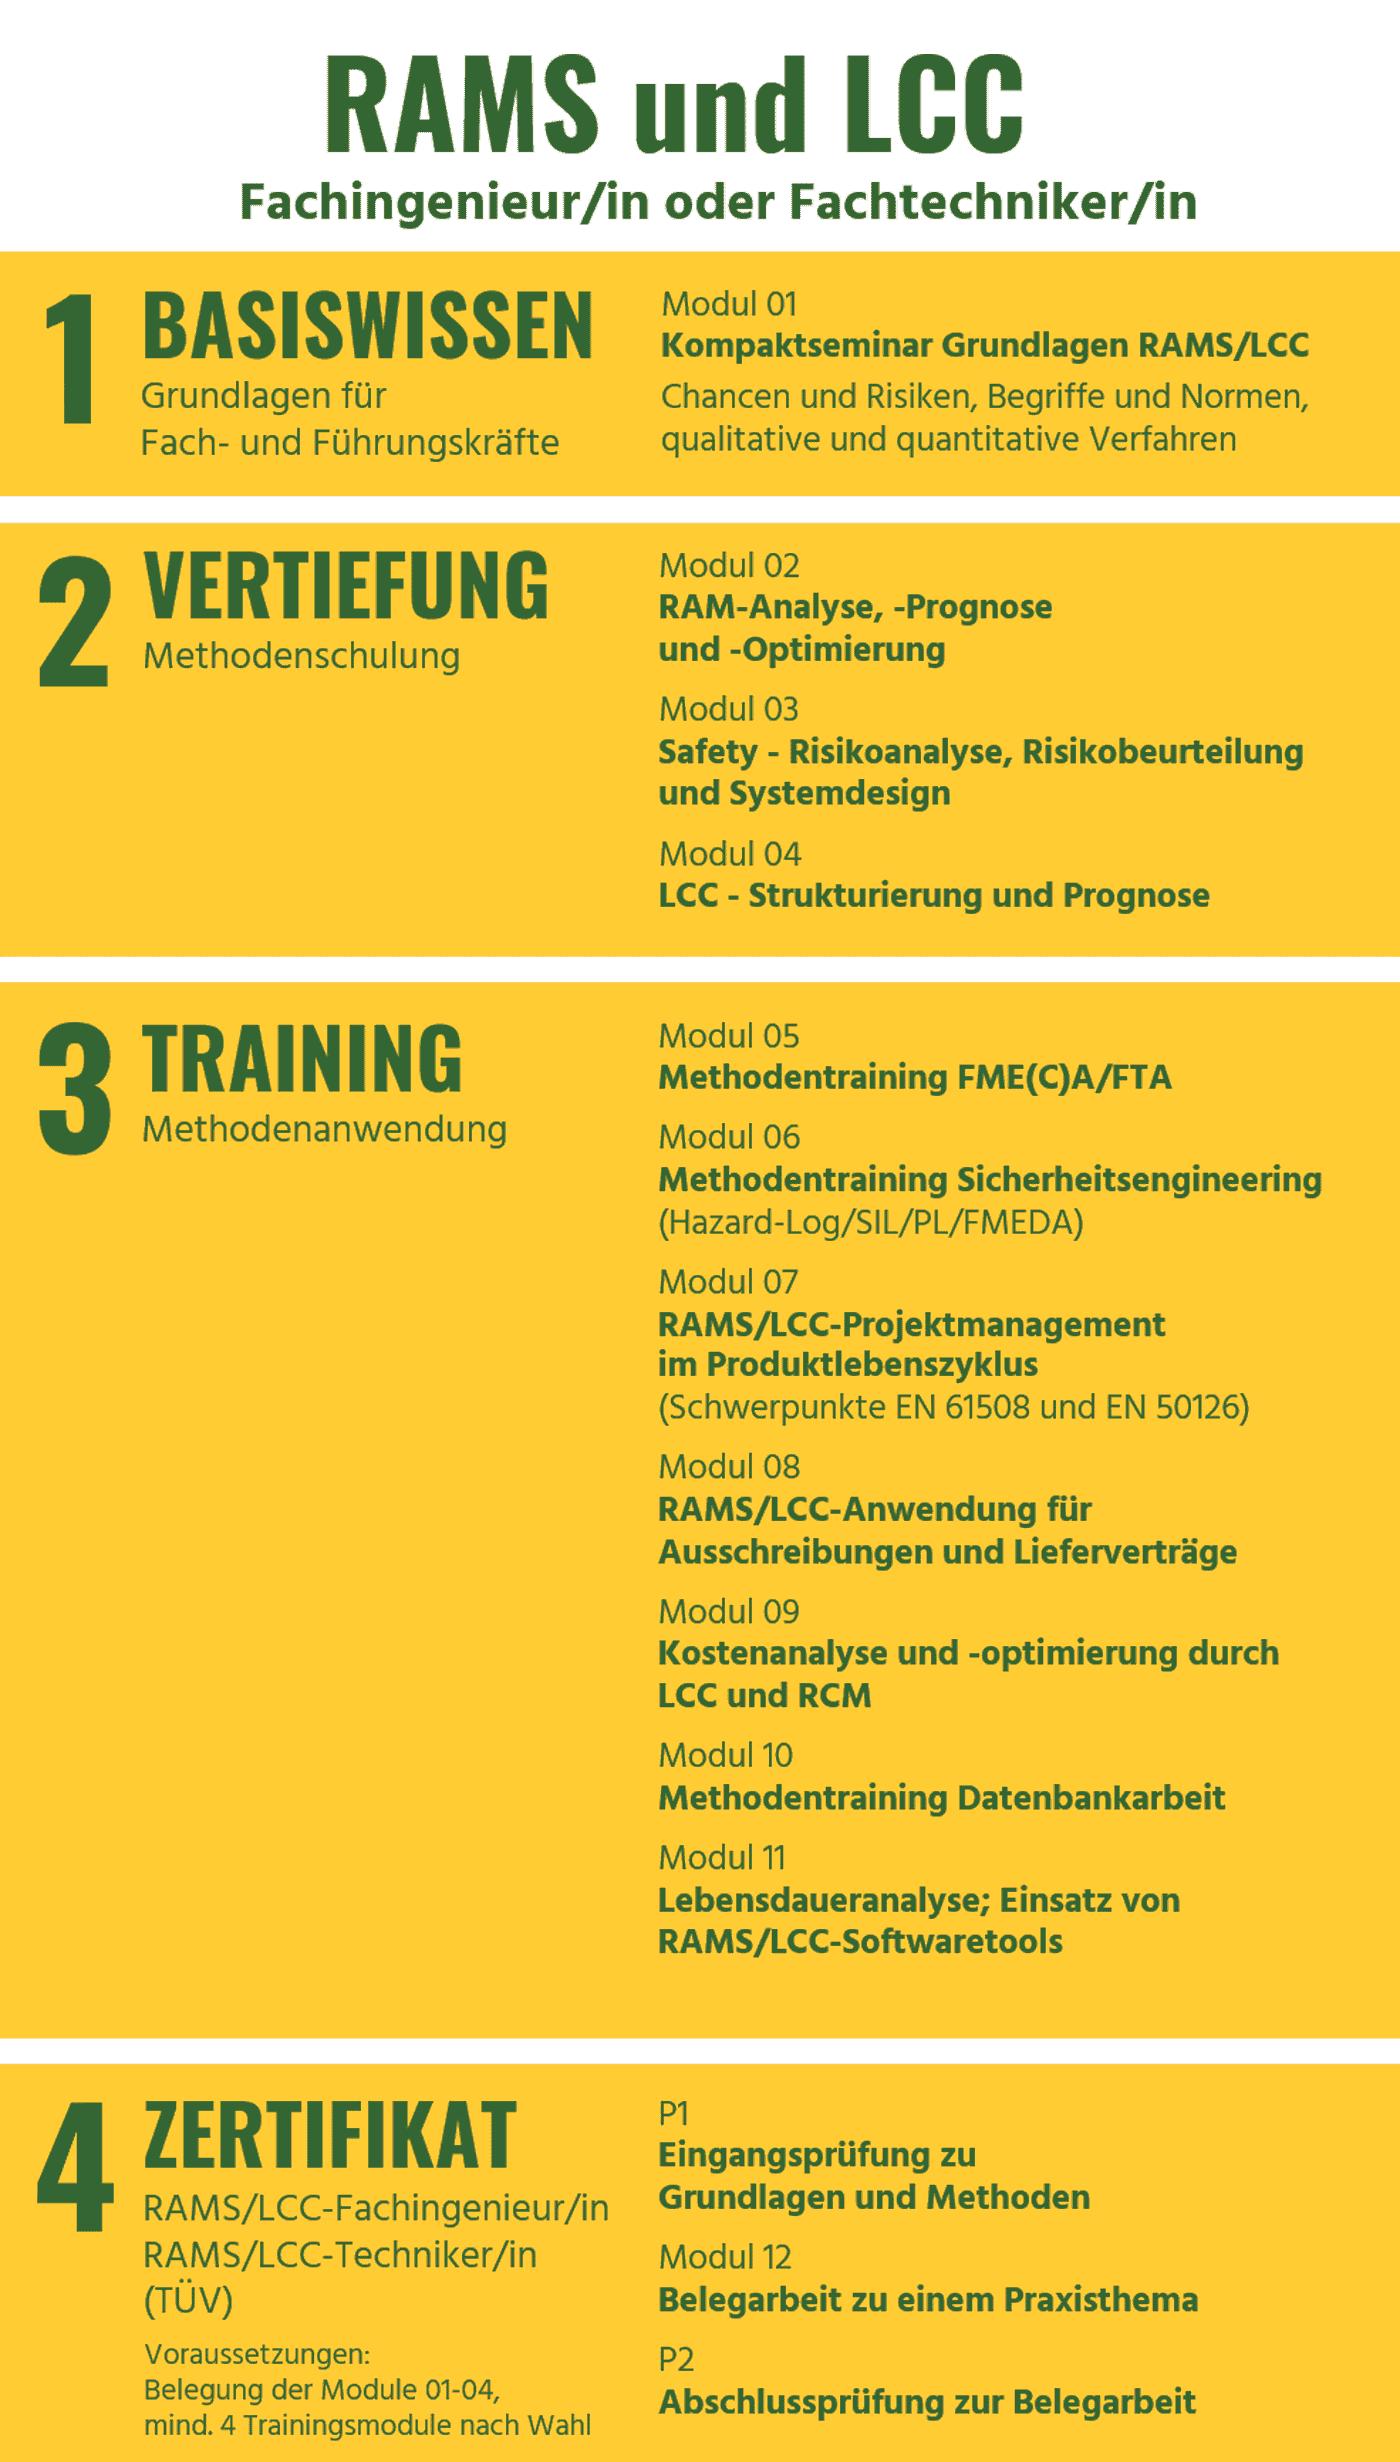 Fachqualifikation_Weiterbildung_RAMS_Ingenieur_Techniker_IZP_Umschulung